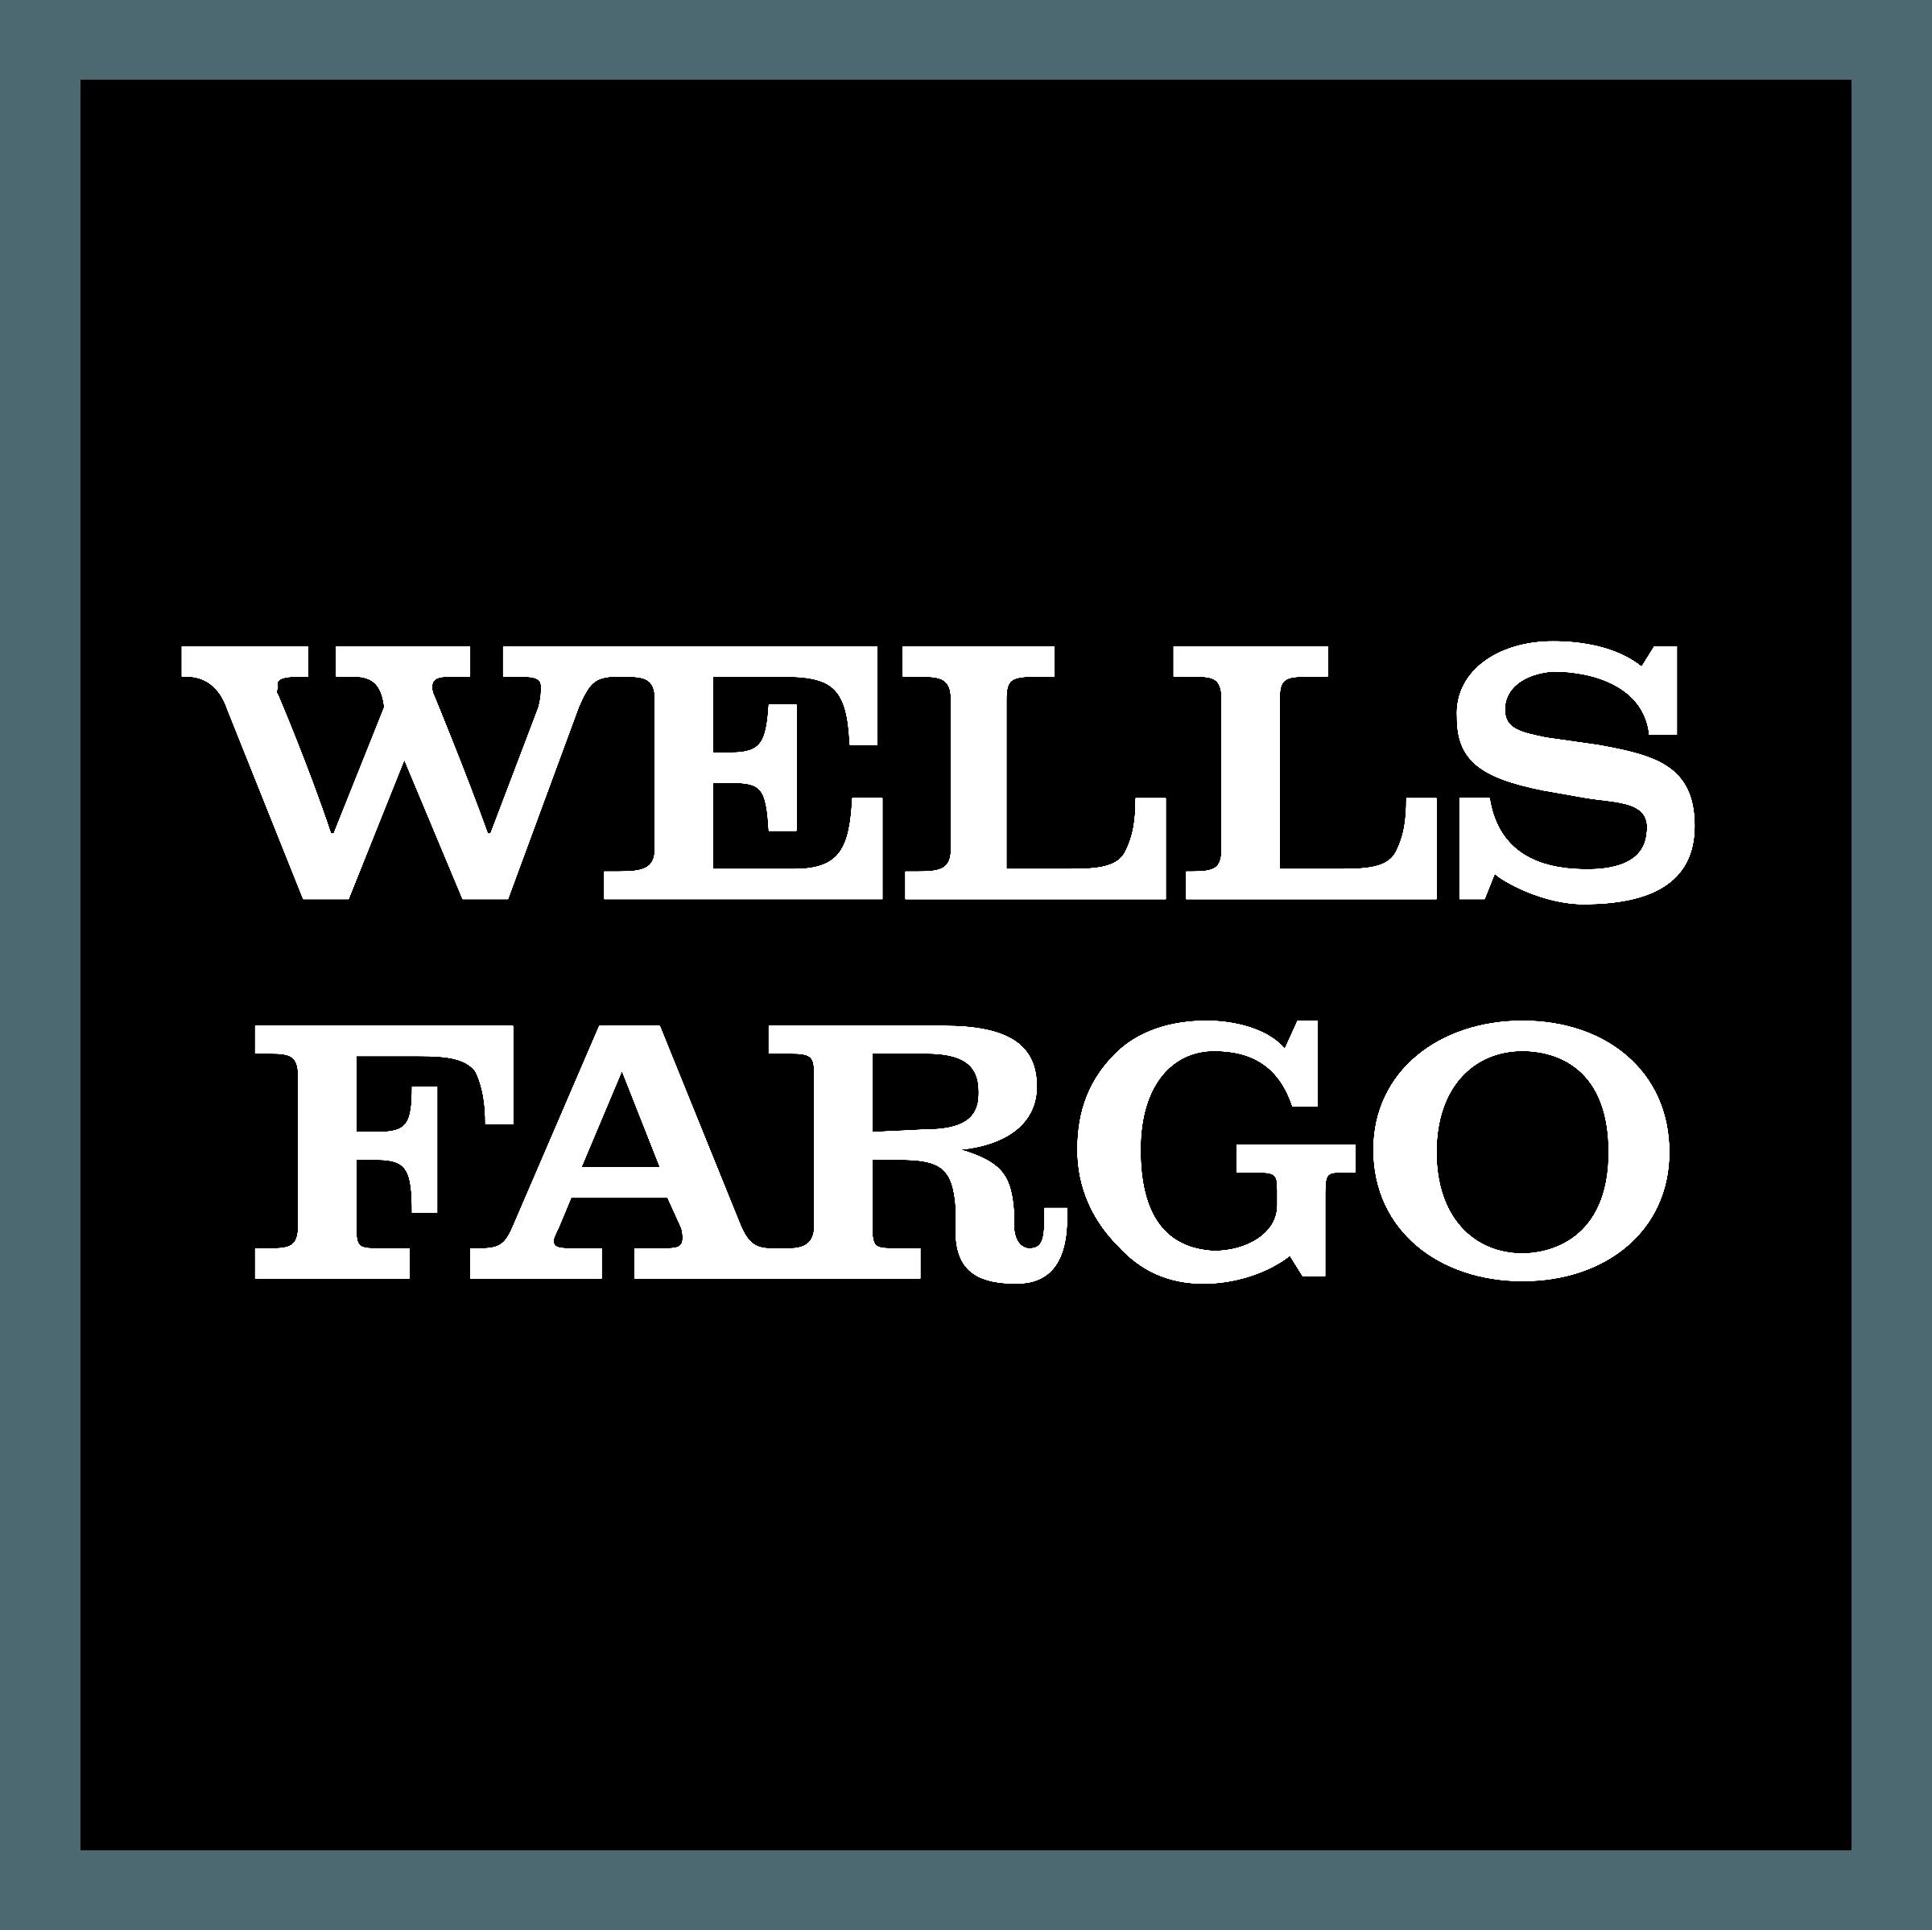 Wells Fargo PNG - 107524